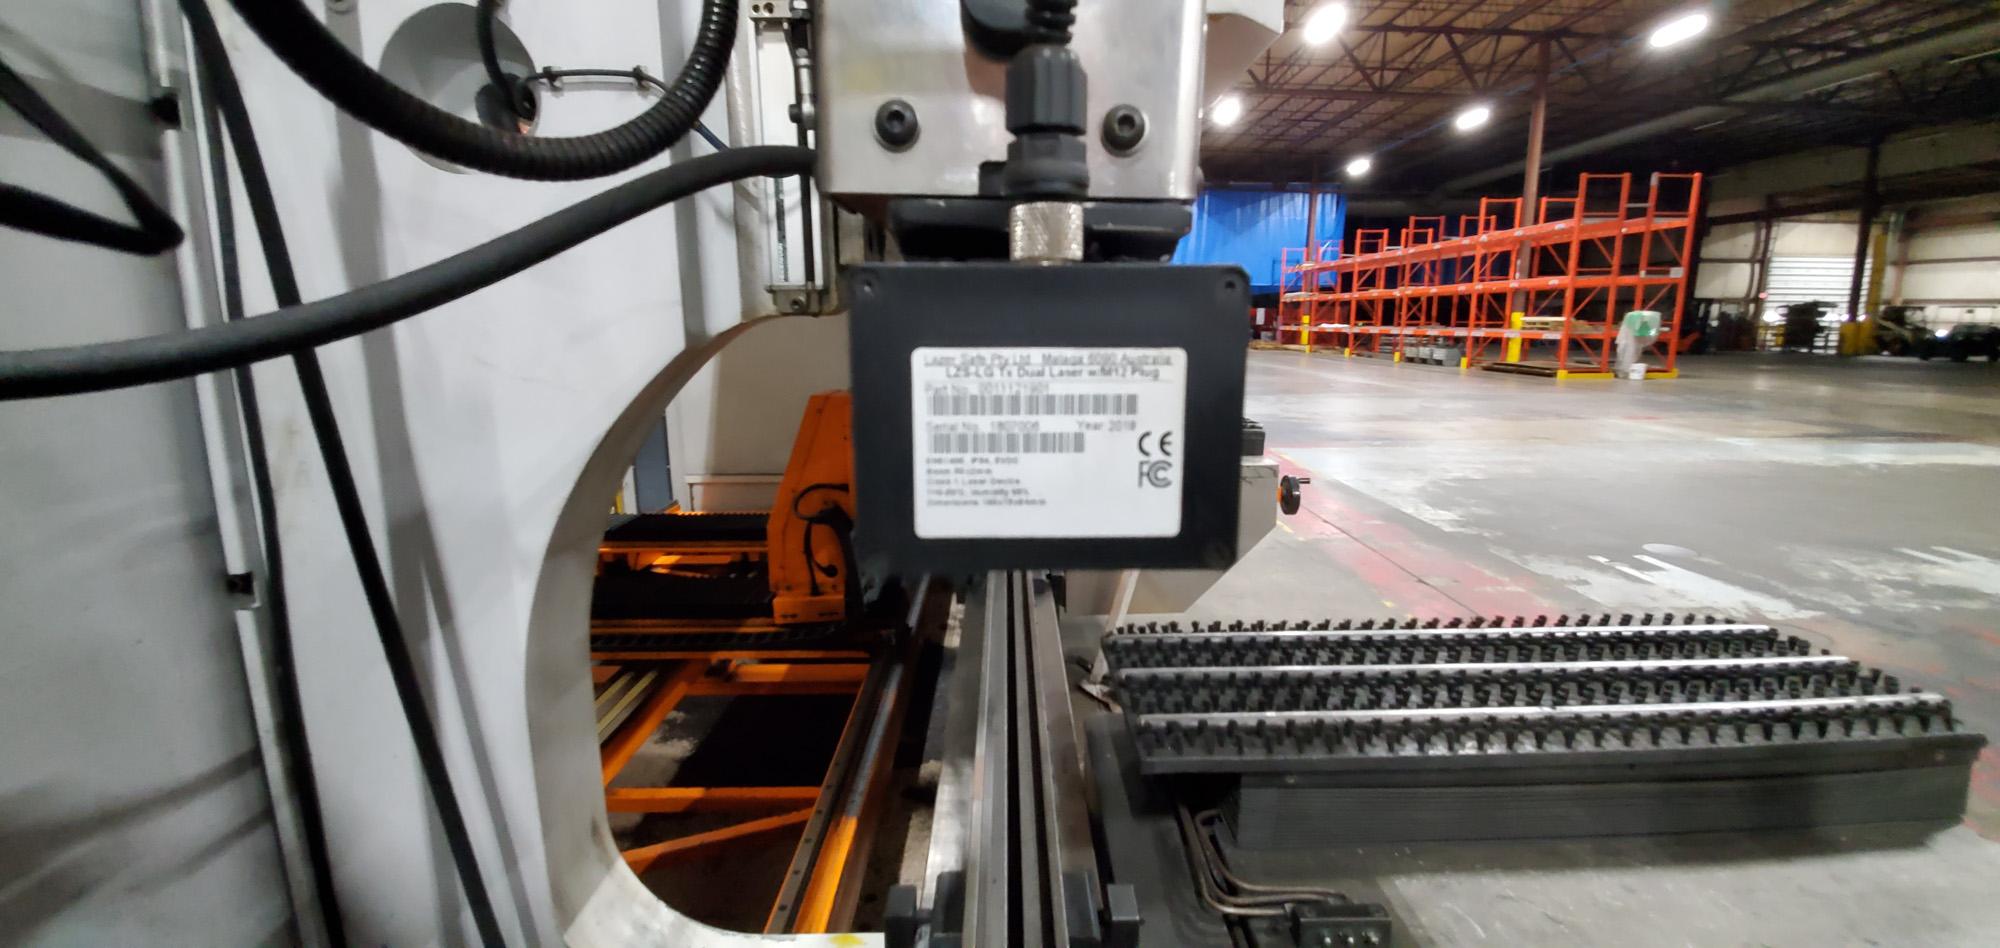 """2017 Ermaksan Speed-Bend Pro 3760-220 242-Ton x 12'4"""" 6-Axis CNC Press Brake"""